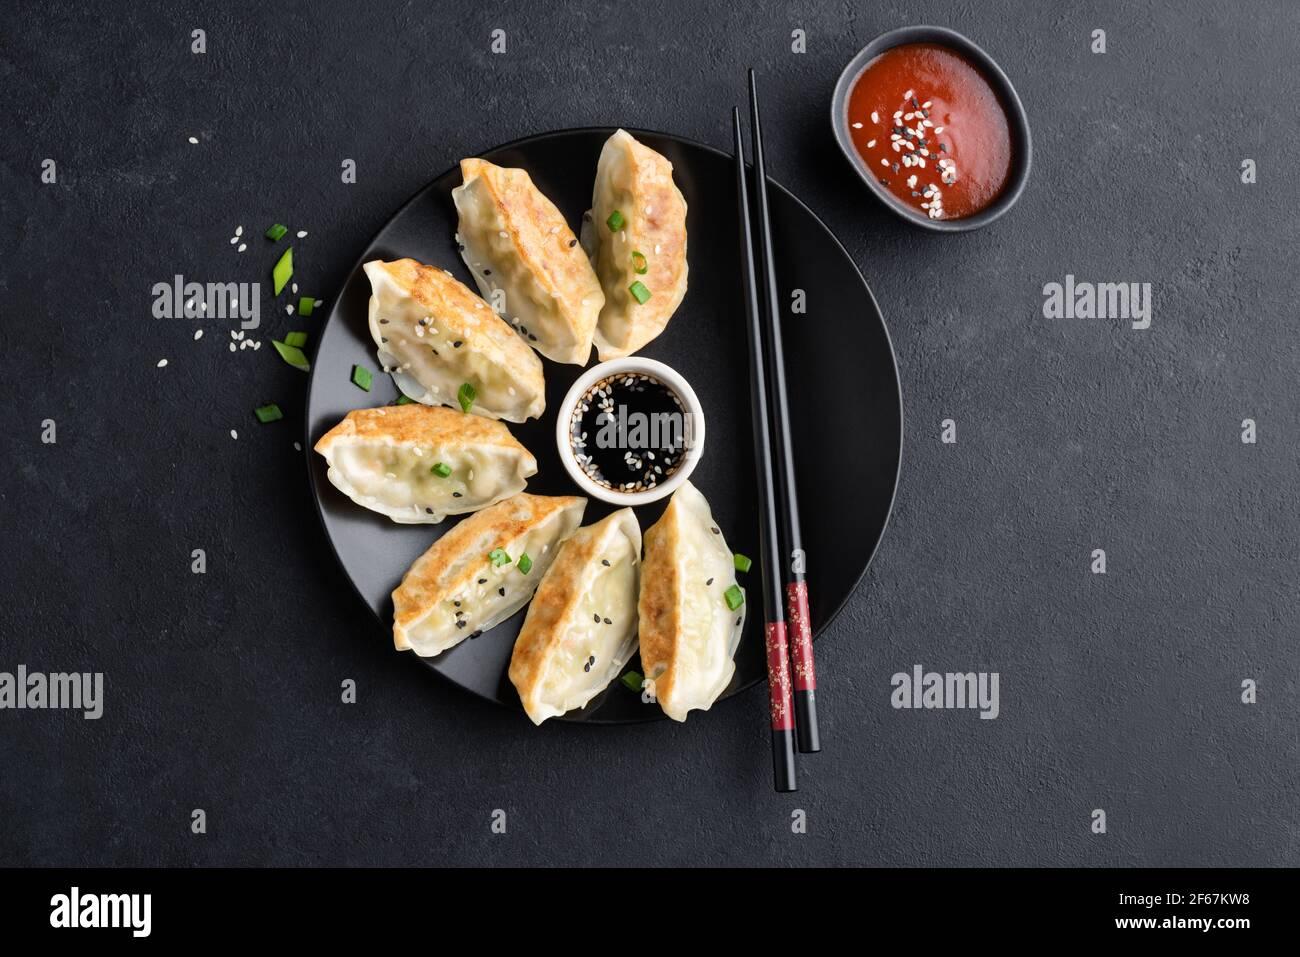 Nourriture asiatique Gyoza ou Jiaozi beignets servis avec sauce soja, sauce crevettes et graines de sésame sur fond de béton noir, vue du dessus Banque D'Images